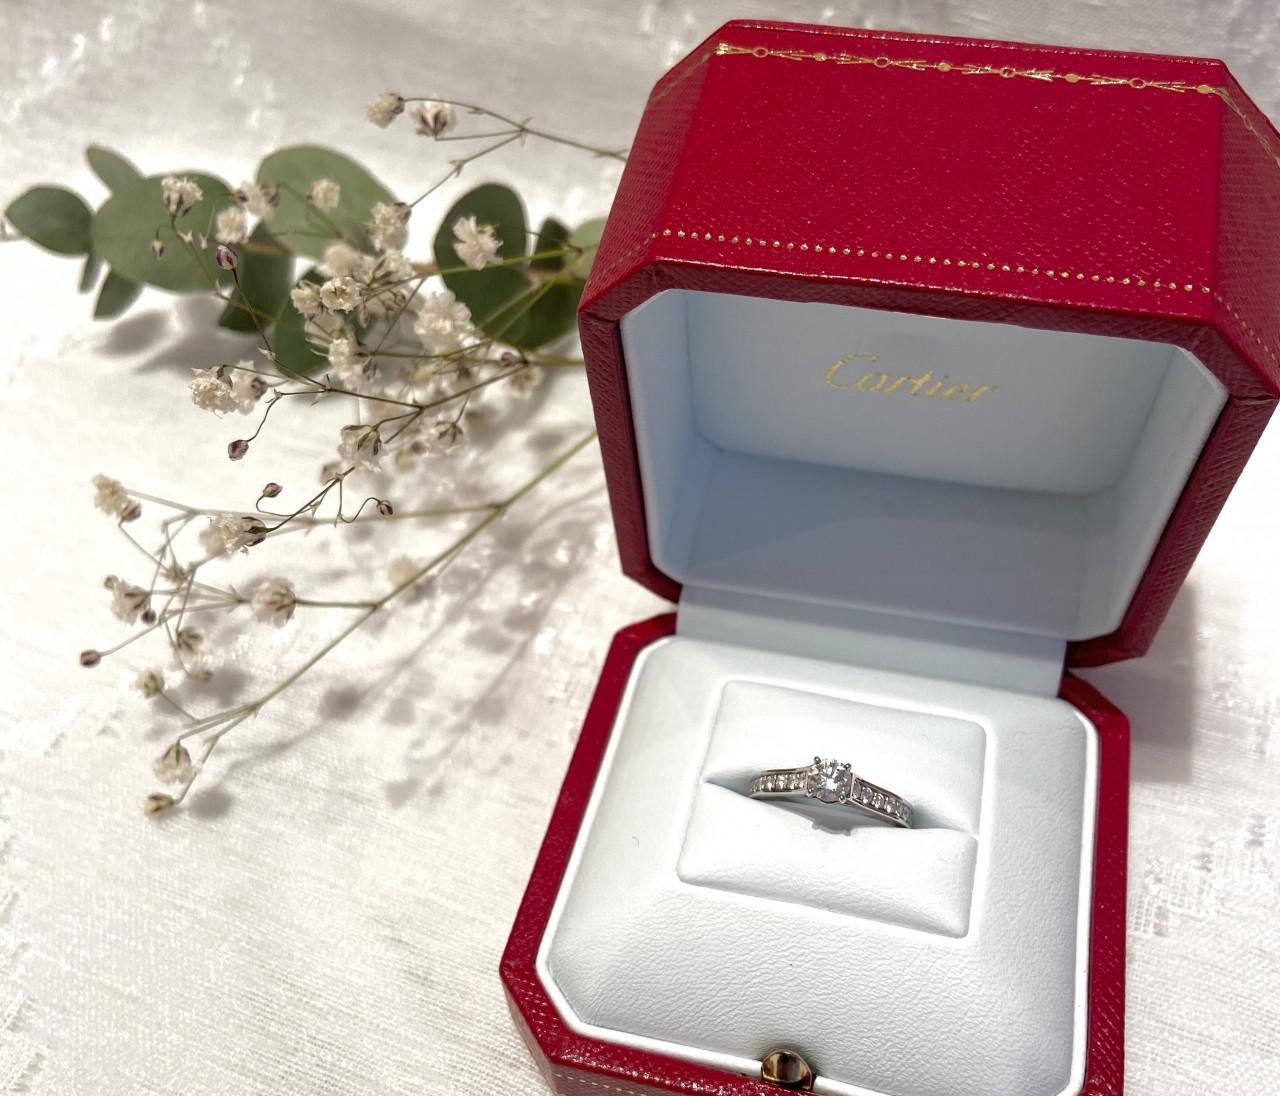 【Wedding】婚約&結婚指輪どうえらぶ?おばあちゃんになっても使いたい一生モノ選び!